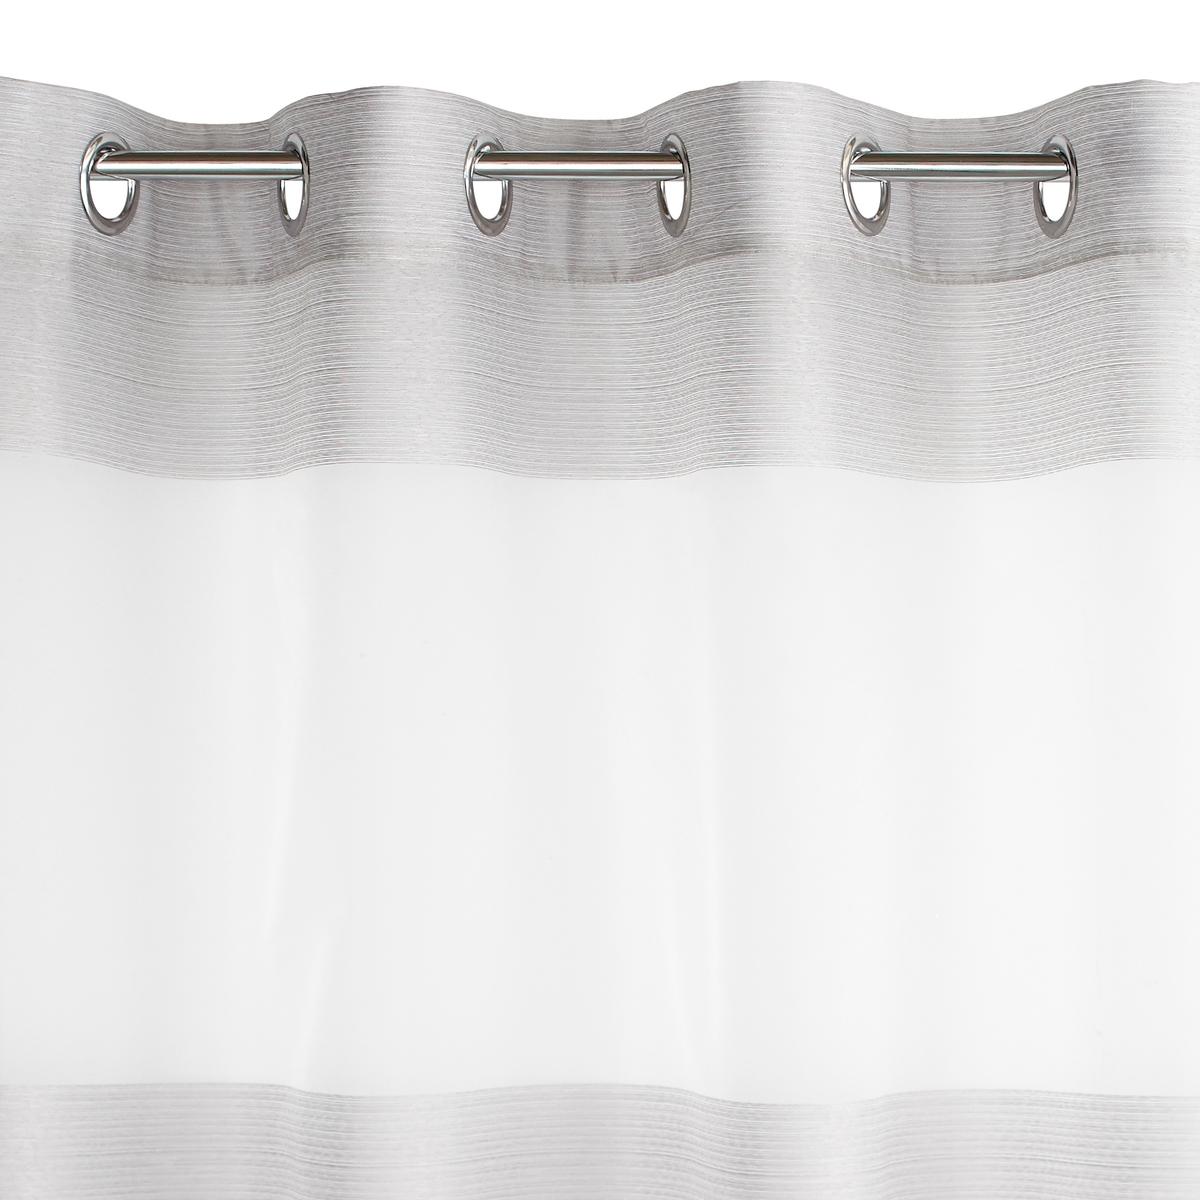 Занавеска в полоску, с люверсами, JustorЗанавеска из окрашенной ткани  Justor, 100% полиэстер  Состав и описание :Материал : 100% полиэстер, люверсы серебристого цвета сверху, подшитый низ.Уход : машинная стирка при 30°C<br><br>Цвет: белый,серый